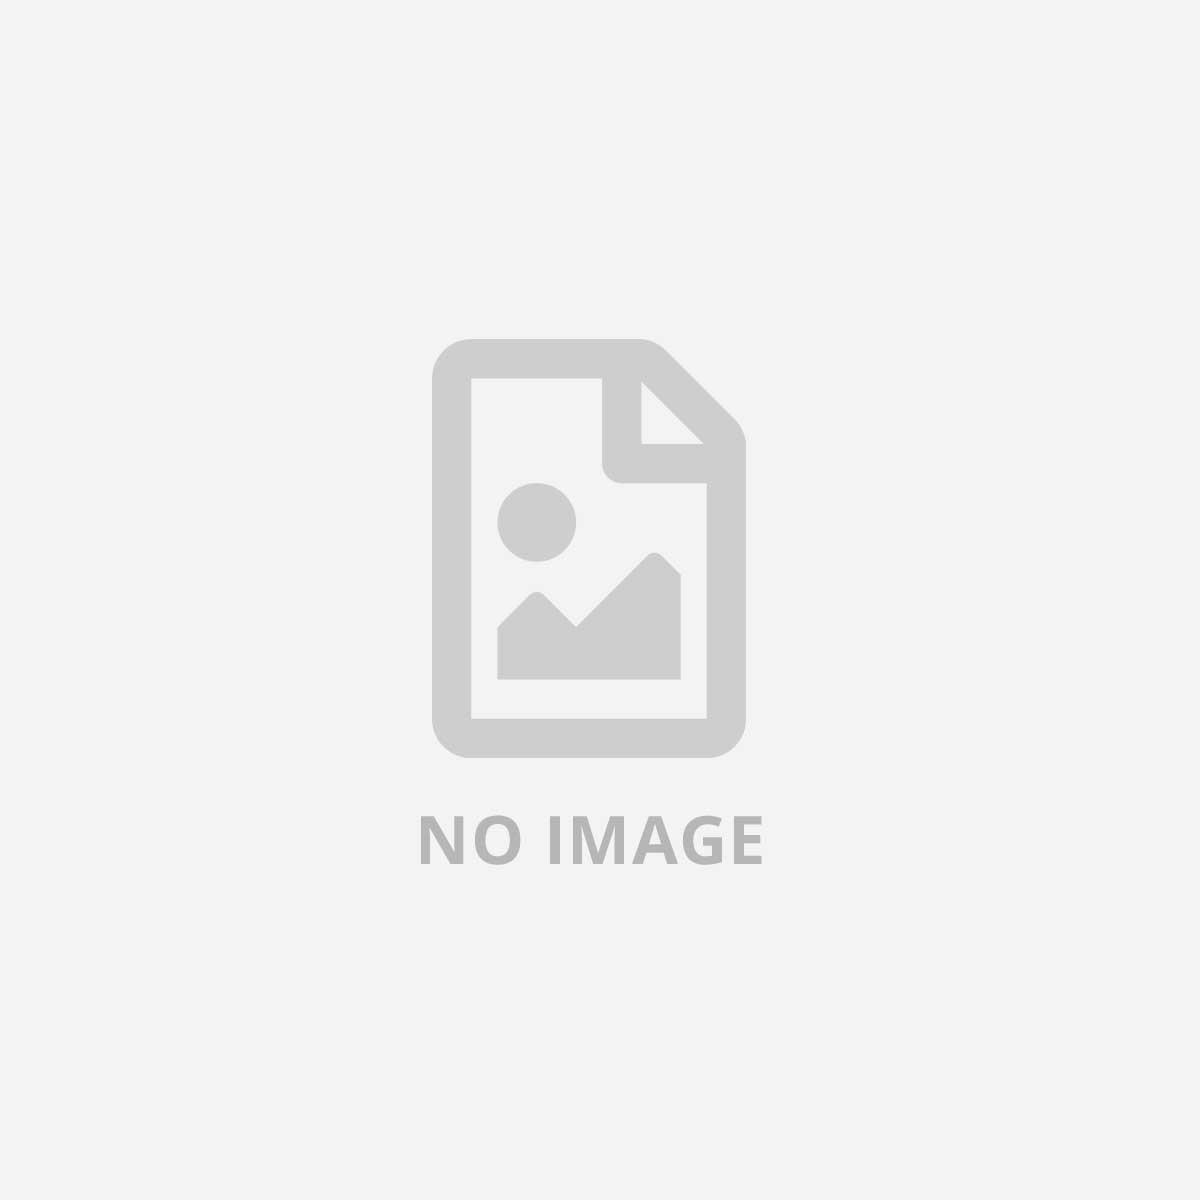 FUJIFILM PELLICOLA INSTAX MINI MONOCHROME 10